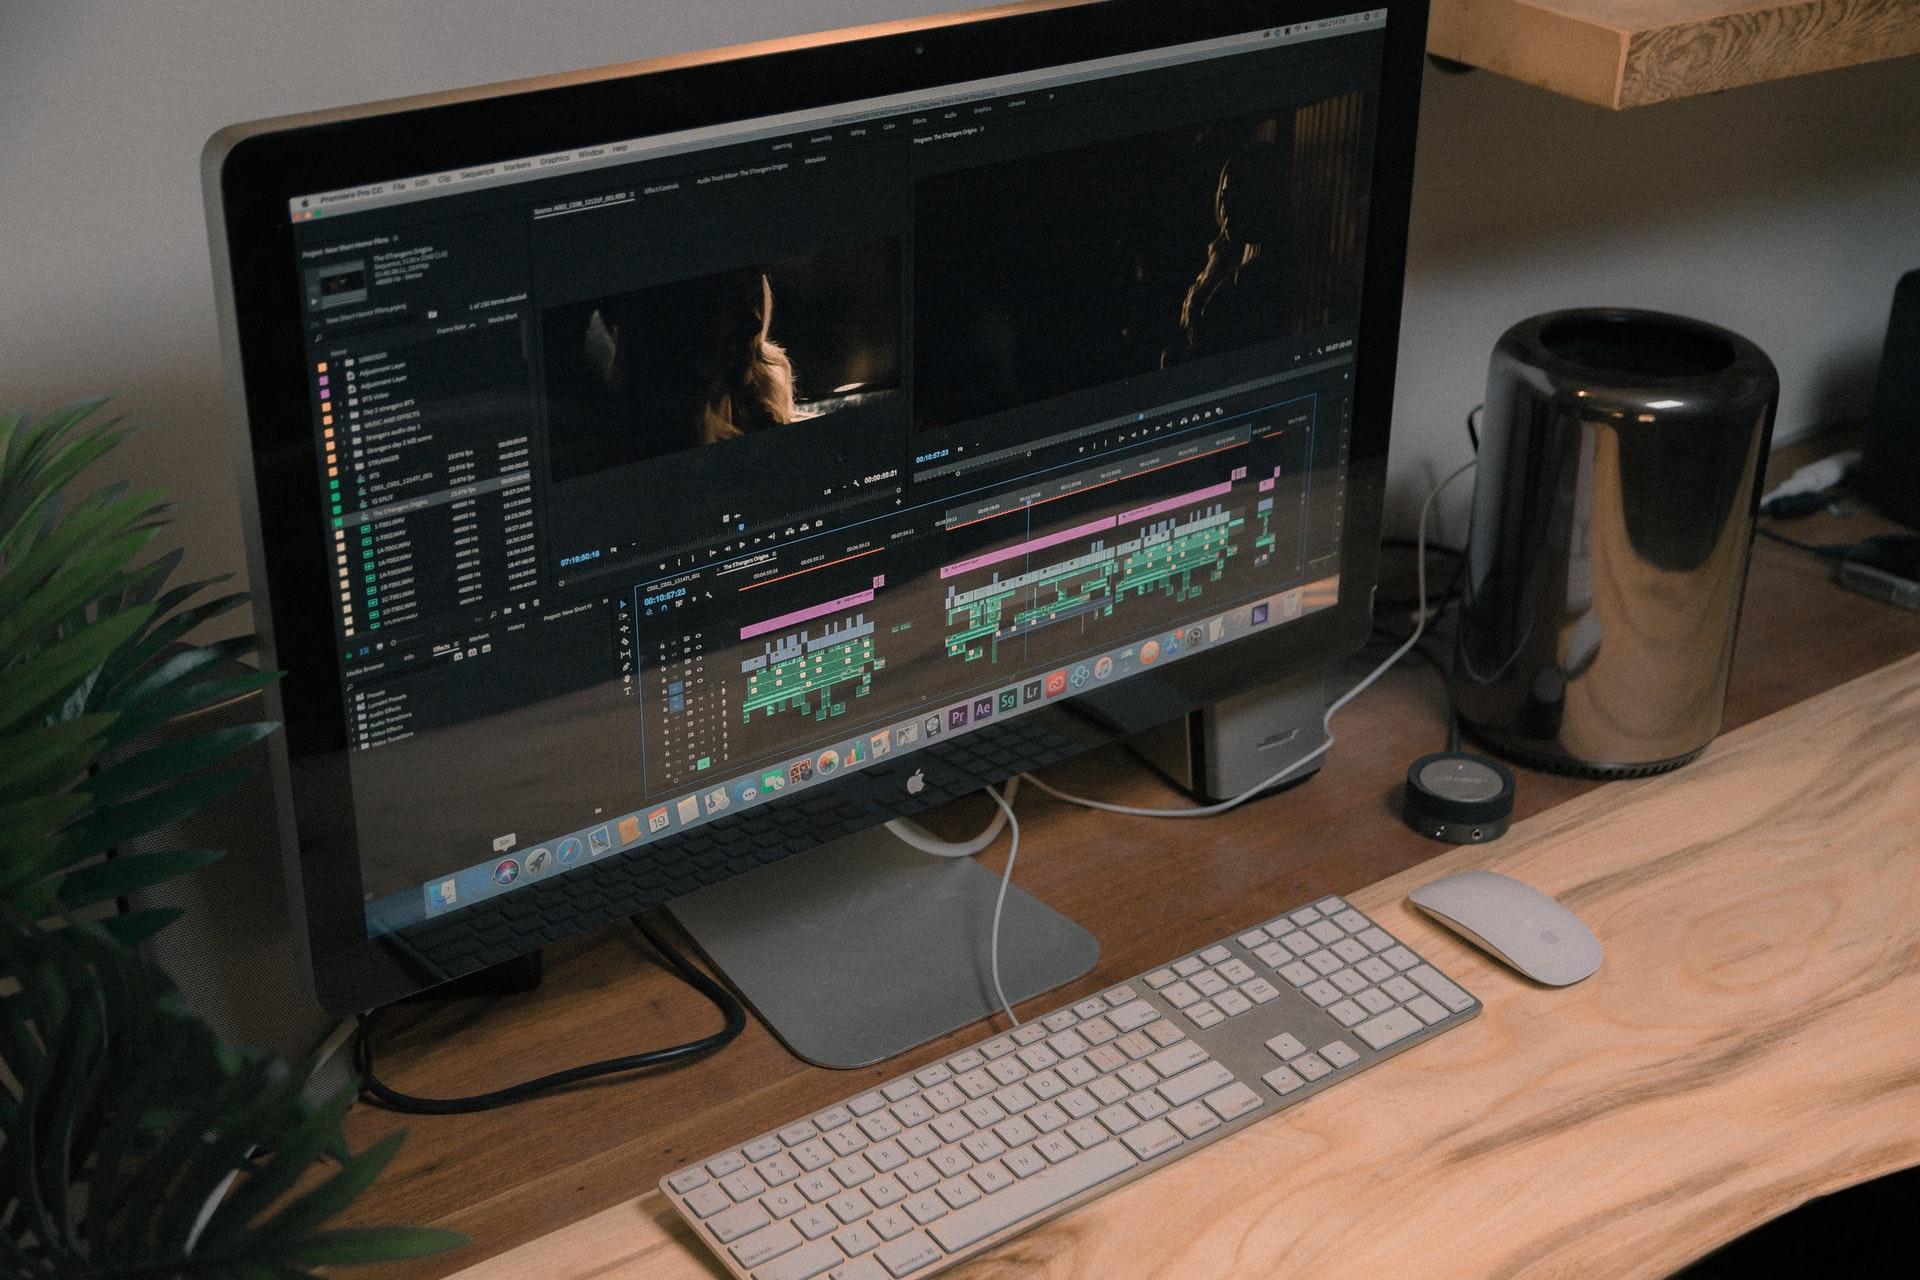 iMovieで動画を保存する方法は?